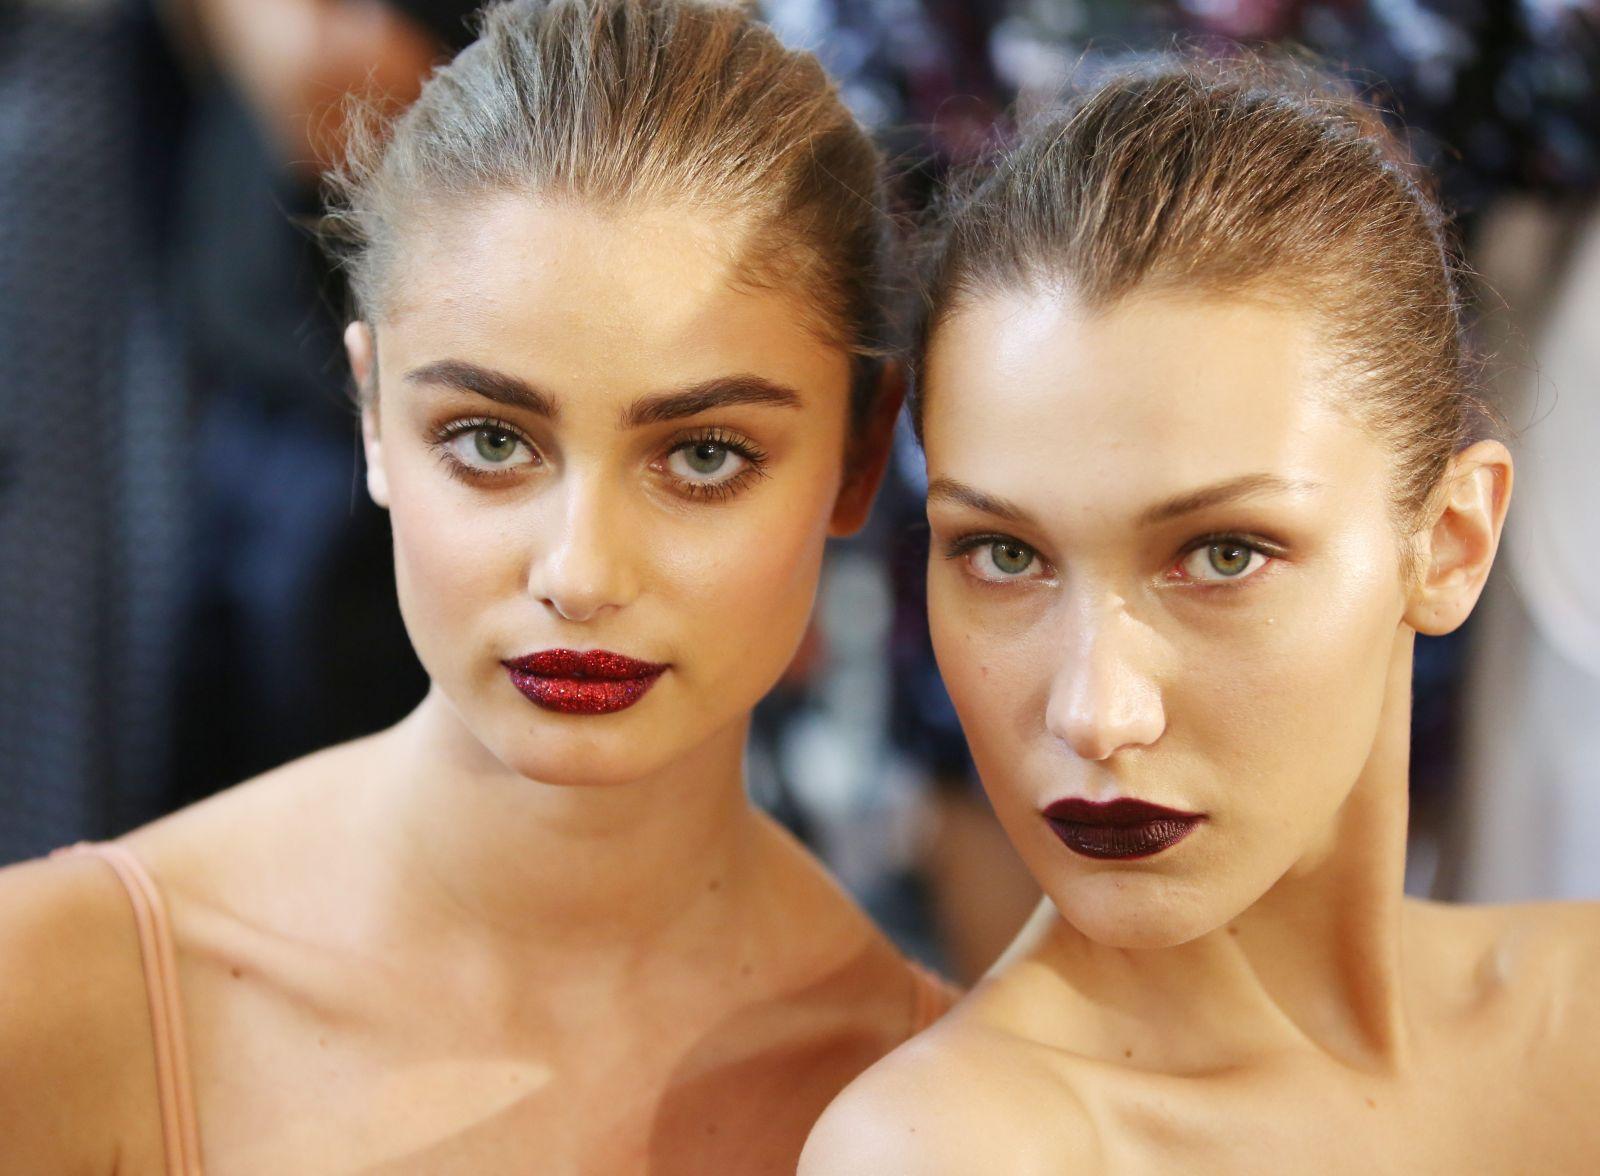 Глиттер на губах: Пэт Макграт снова произвела революцию в макияже? фото